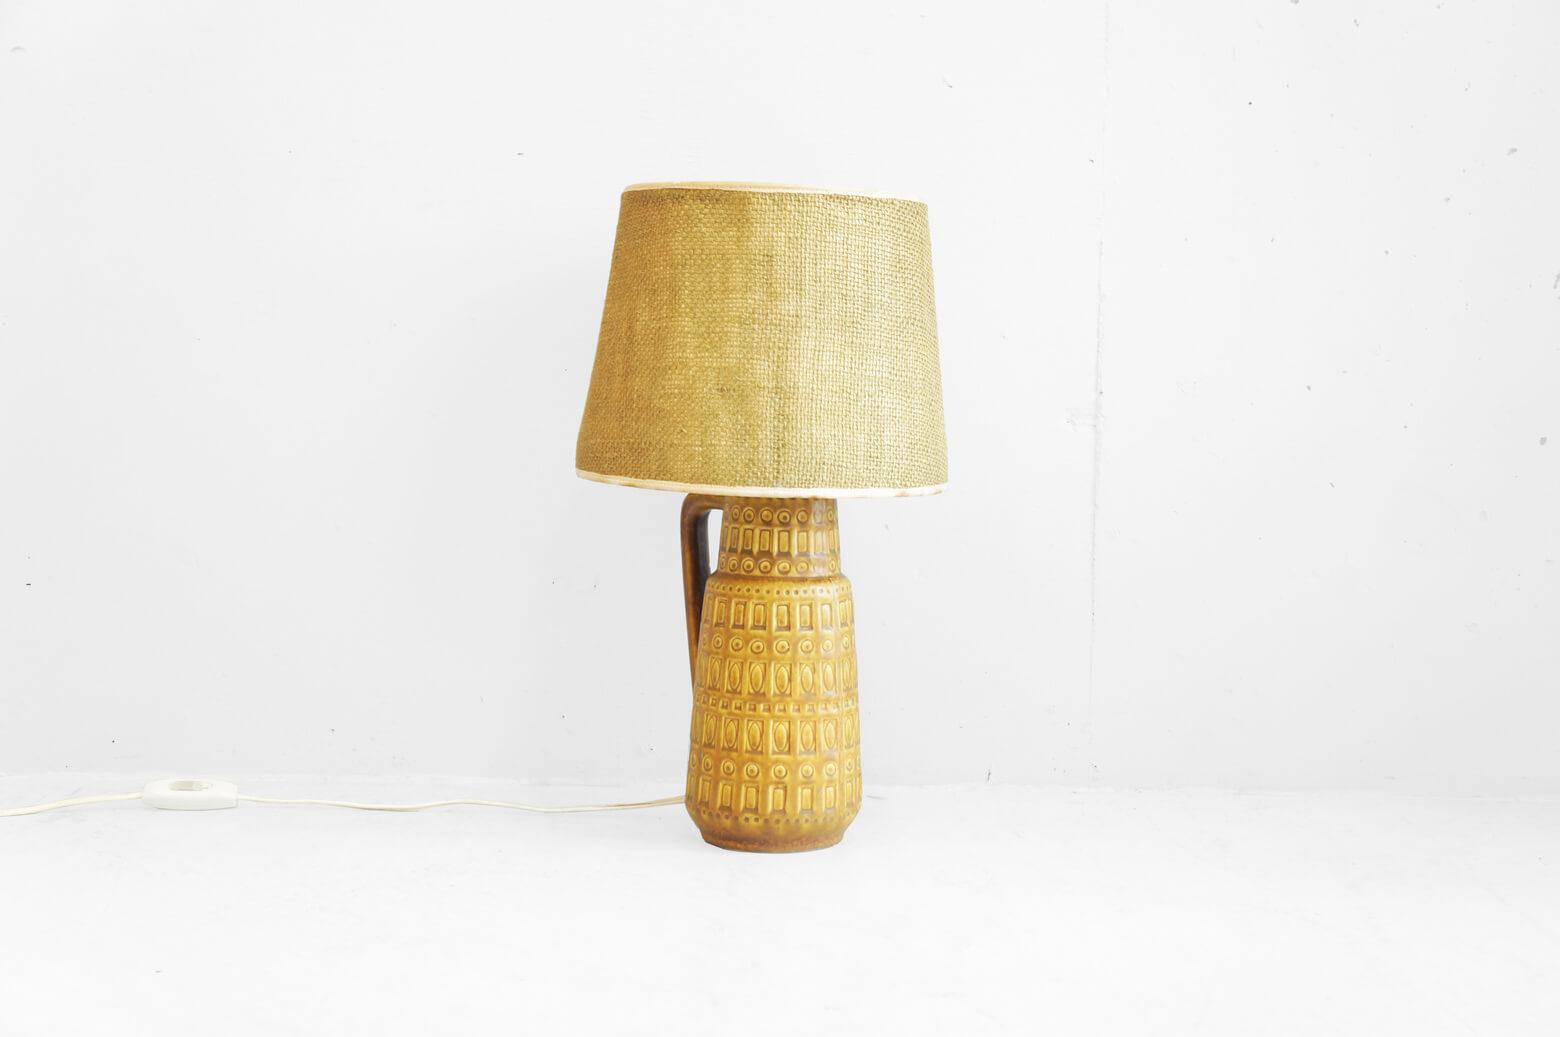 西ドイツ製 ヴィンテージセラミックベーステーブルランプ ファブリックのランプシェードに 陶器製ピッチャーのボディが組合せられたデザイン。 50年代に流行した北欧モダンデザインの影響からか ボディには幾何学的な文様がほどこされており ミッドセンチュリースタイルの空間にも相性の良いお品物です。 陶器のあたたかい素材感と目の粗い生地を使用した ランプシェードからもれるやわらかい光が ビンテージの良さを感じさせてくれます。 玄関のシューズボックスの上や、 サイドテーブル、チェスト上、 寝室の手元明かりとしてオススメです。 是非この機会にいかがでしょうか。 .~【東京都杉並区阿佐ヶ谷北アンティークショップ 古一/ZACK高円寺店】 古一/ふるいちでは出張無料買取も行っております。杉並区周辺はもちろん、世田谷区・目黒区・武蔵野市・新宿区等の東京近郊のお見積もりも!ビンテージ家具・インテリア雑貨・ランプ・USED品・ リサイクルなら古一/フルイチへ~